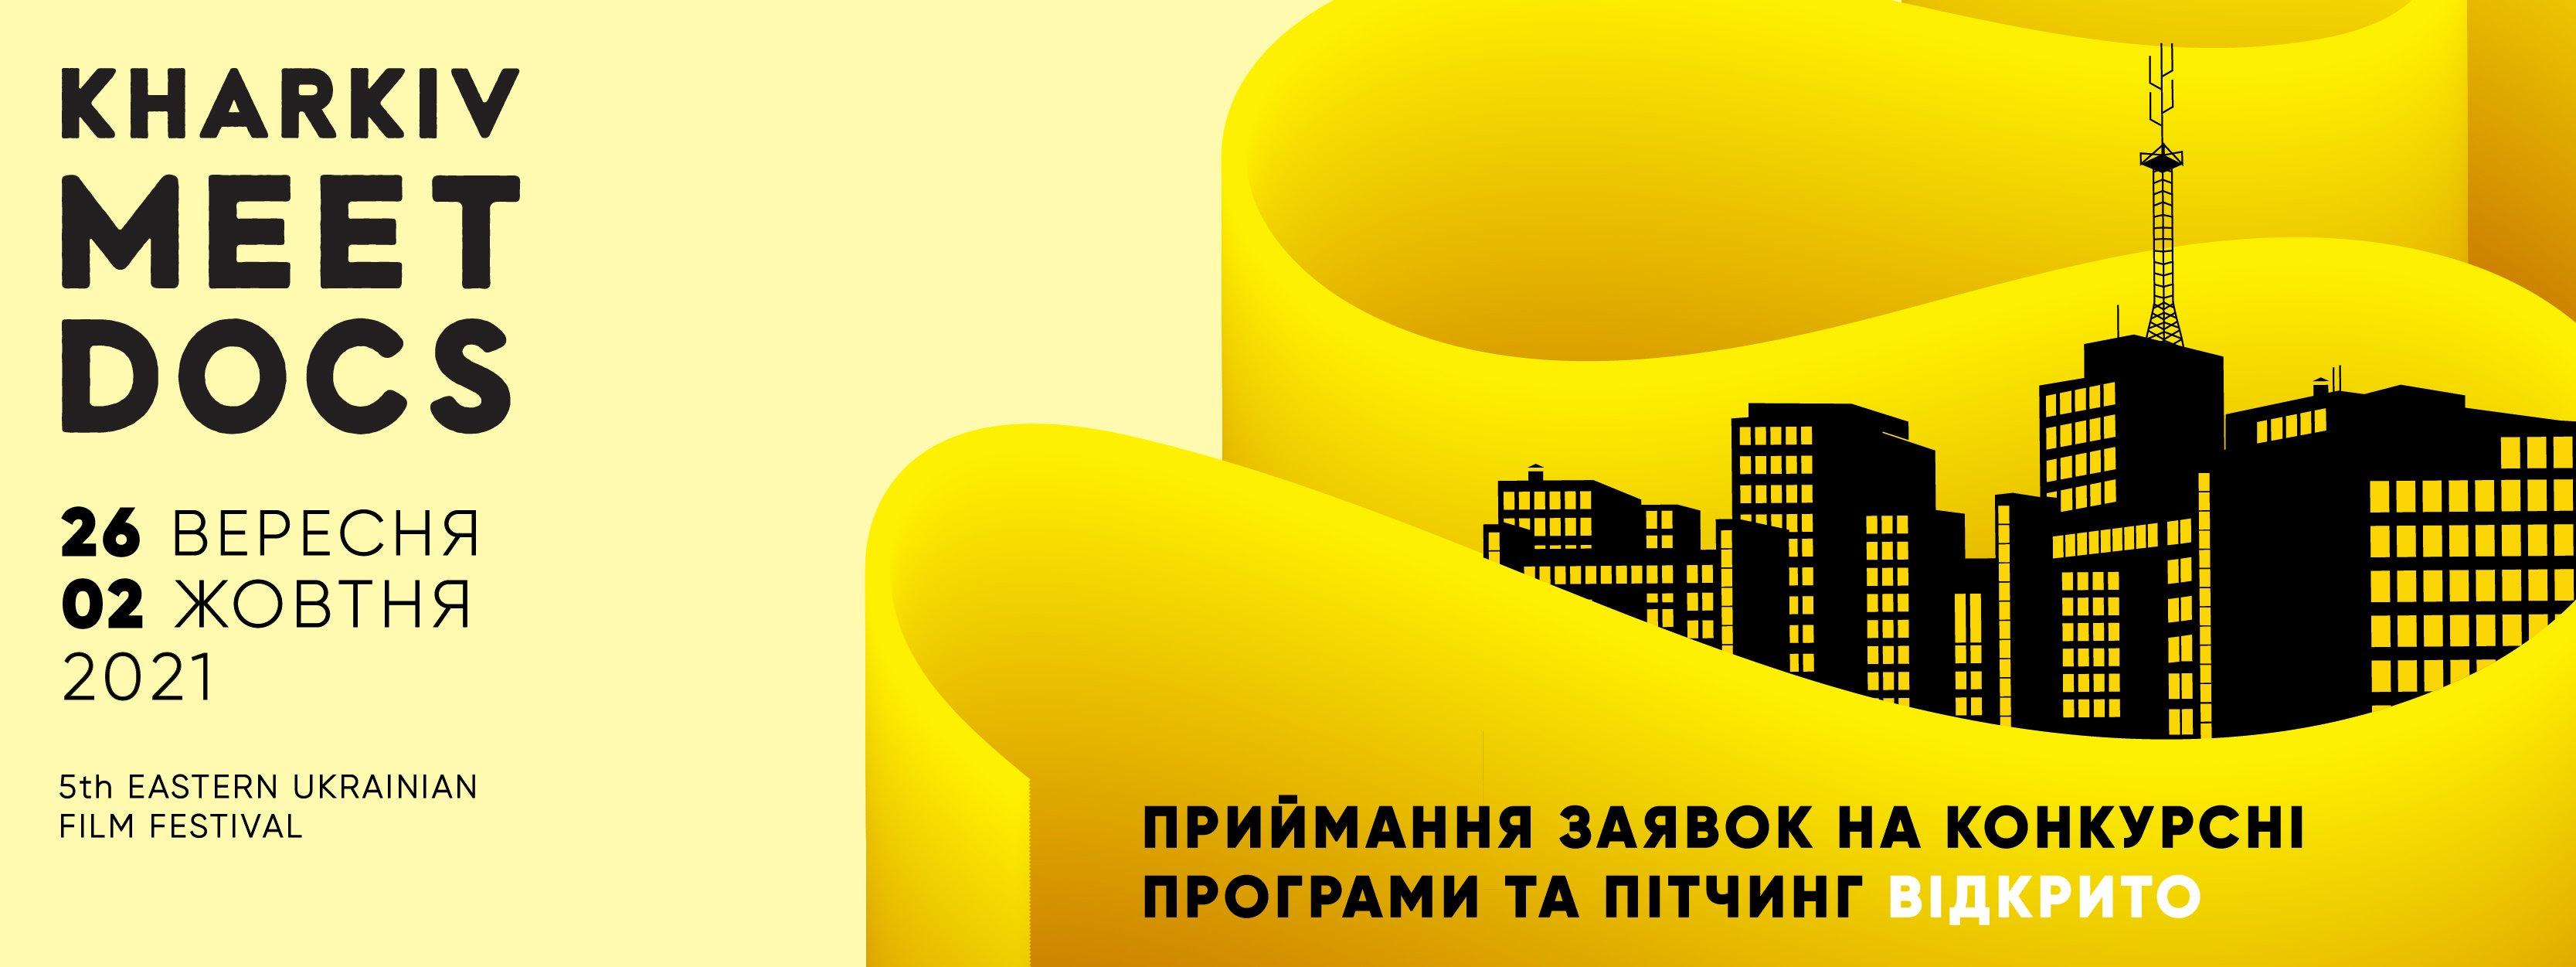 Кінофестиваль Kharkiv MeetDocs 2021